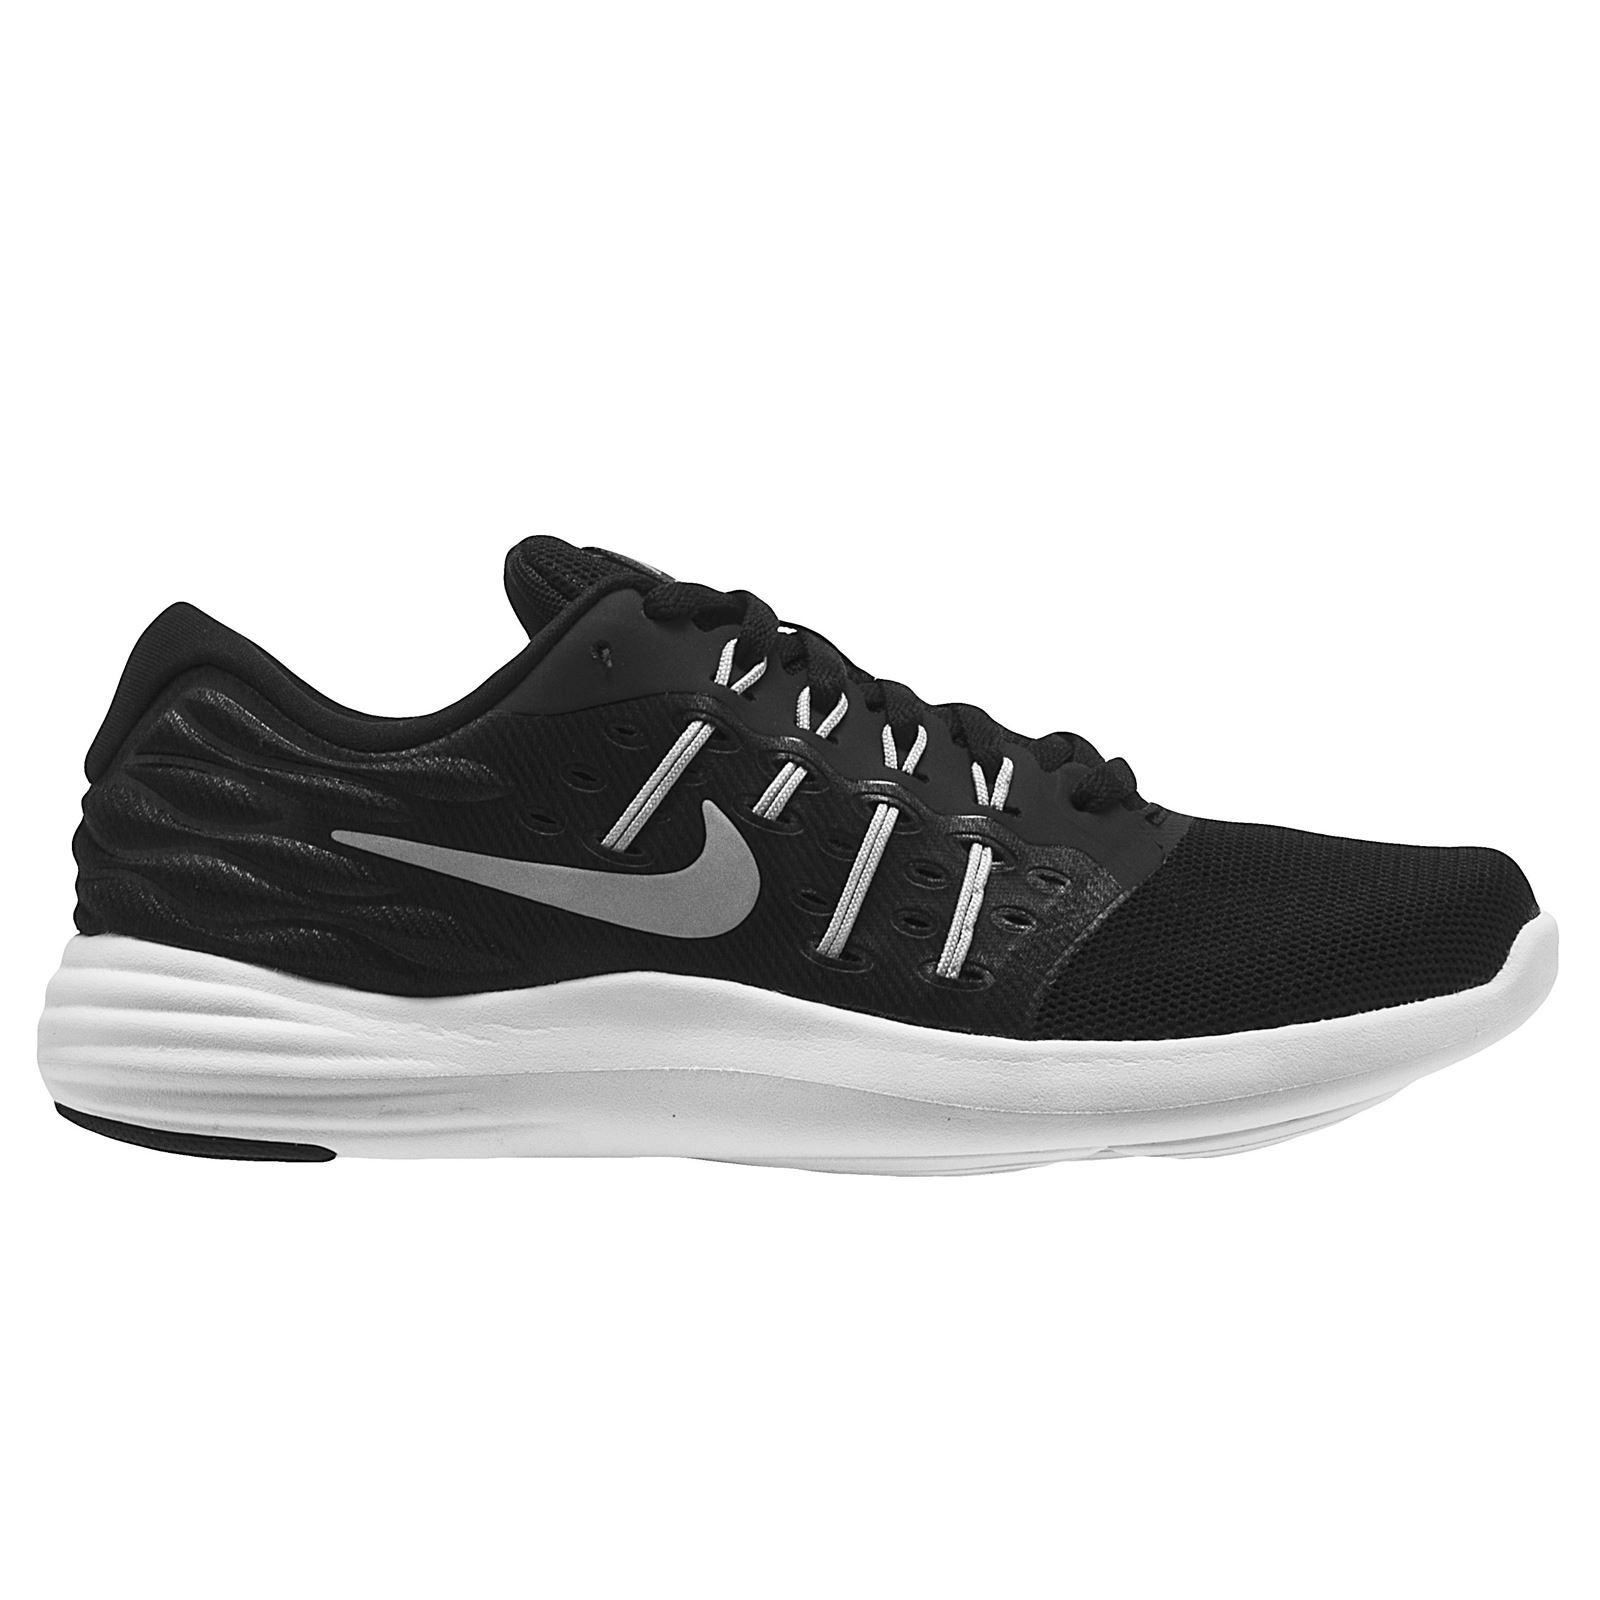 Nike Femmes Lunarstelos Running Trainers 844736 Sneakers Chaussures 001 n4ngu7PHP